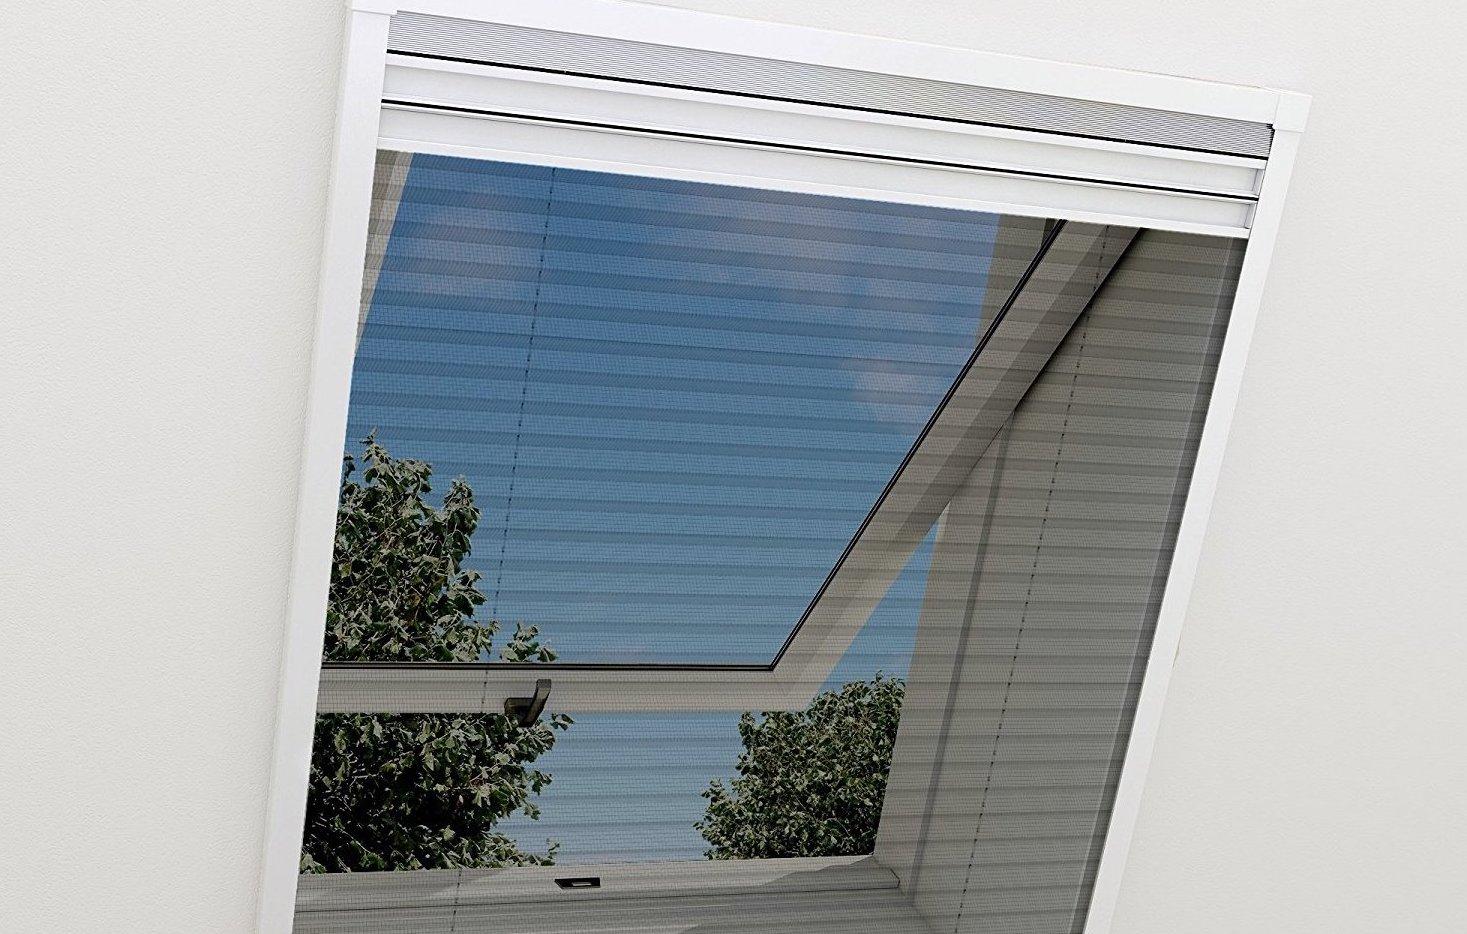 Full Size of Insektenschutz Fenster Fr Dachfenster Im Test Moskitofrei 3 Fach Verglasung Einbruchschutz Weru Günstig Kaufen Schallschutz Beleuchtung Stange Mit Eingebauten Fenster Insektenschutz Fenster